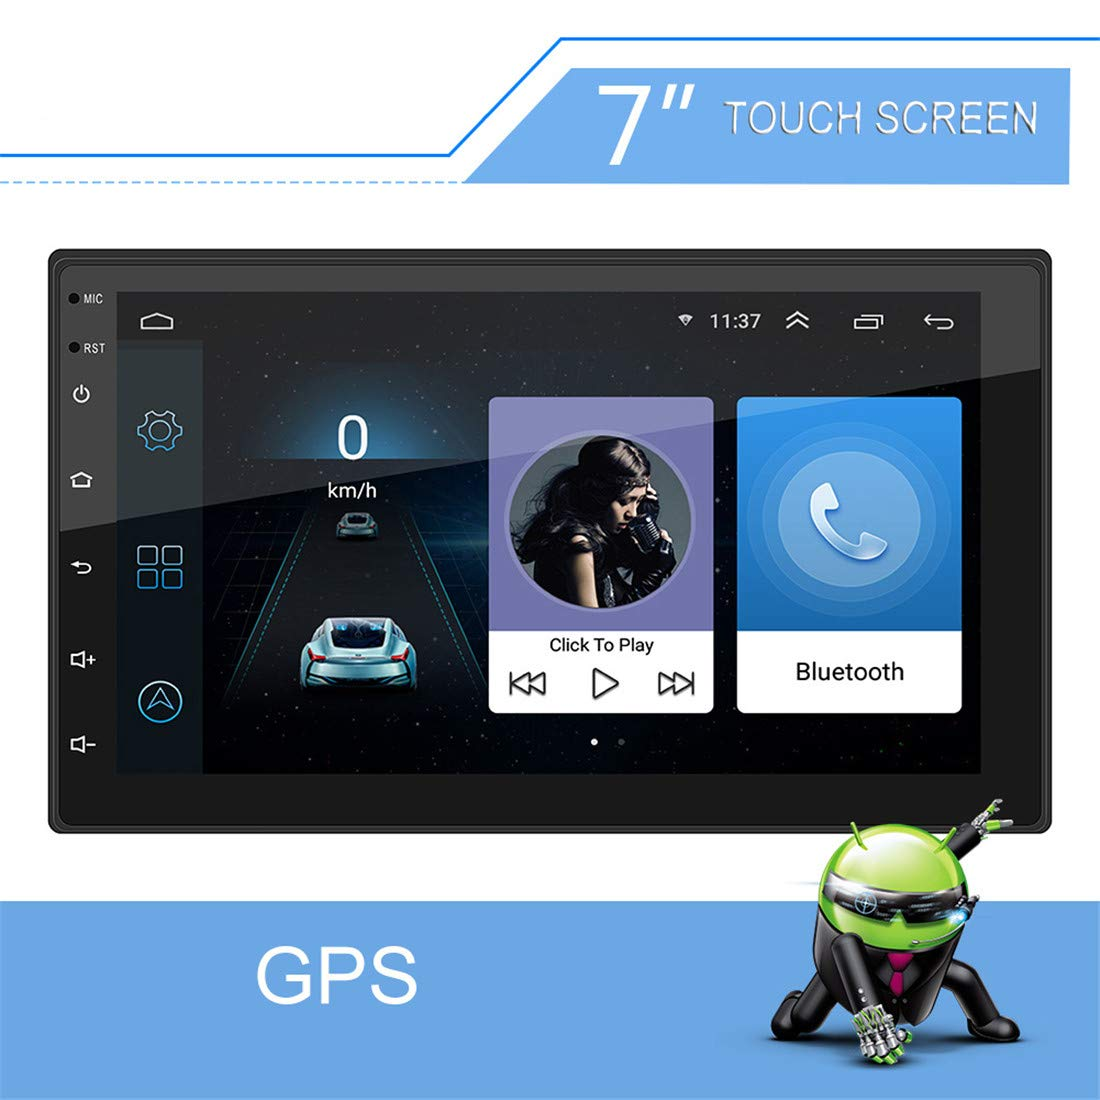 QLPP Android 8.1 estéreo del Coche DVD con GPS Navigation Soporte del Espejo Enlace (Android y iOS), Receptor de Radio FM WiFi AUX USB en la Unidad Principal Dash: Amazon.es: Hogar